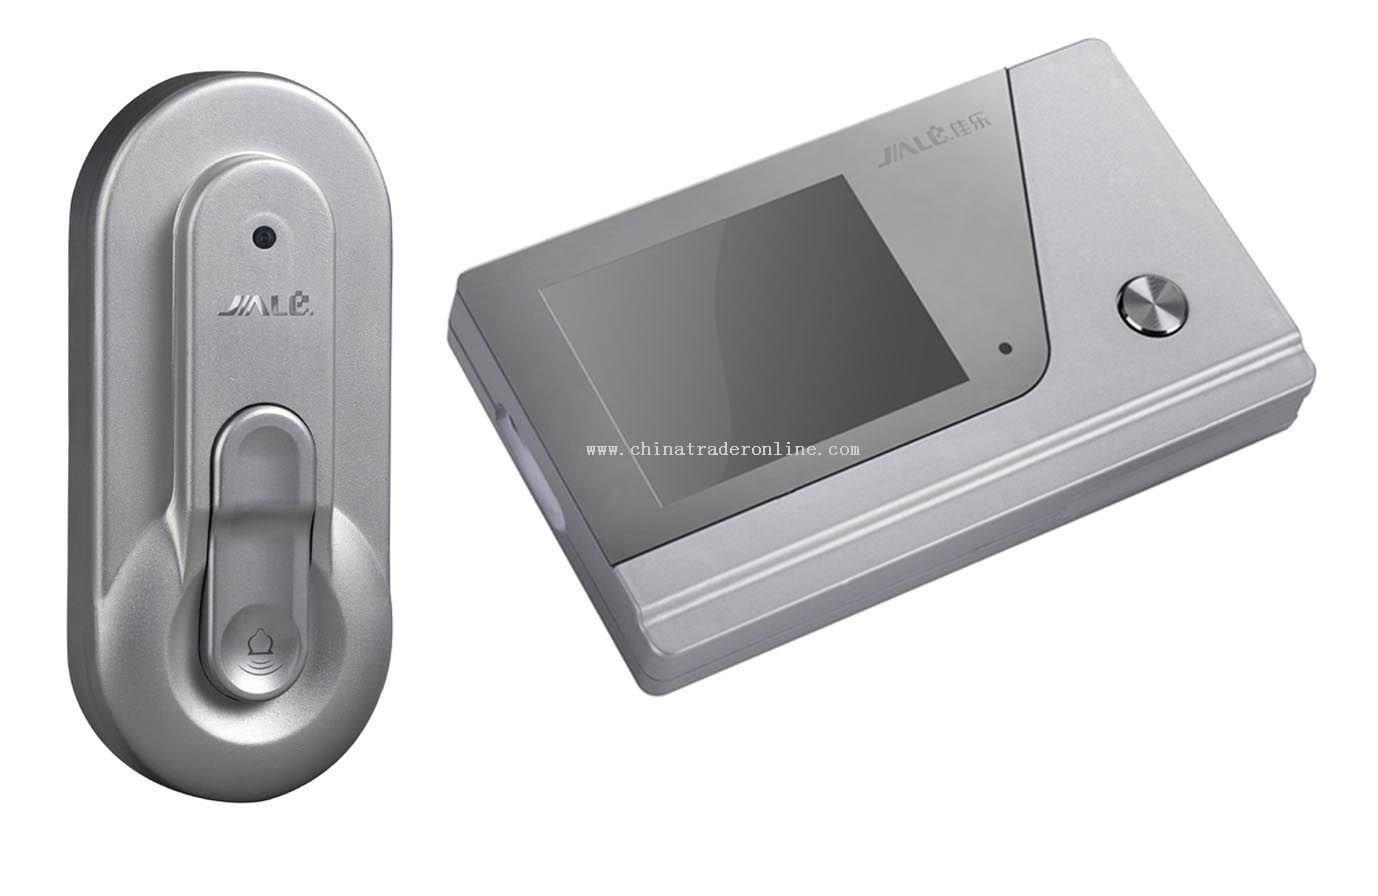 video doorbell/videod door phone/electronic door viewer